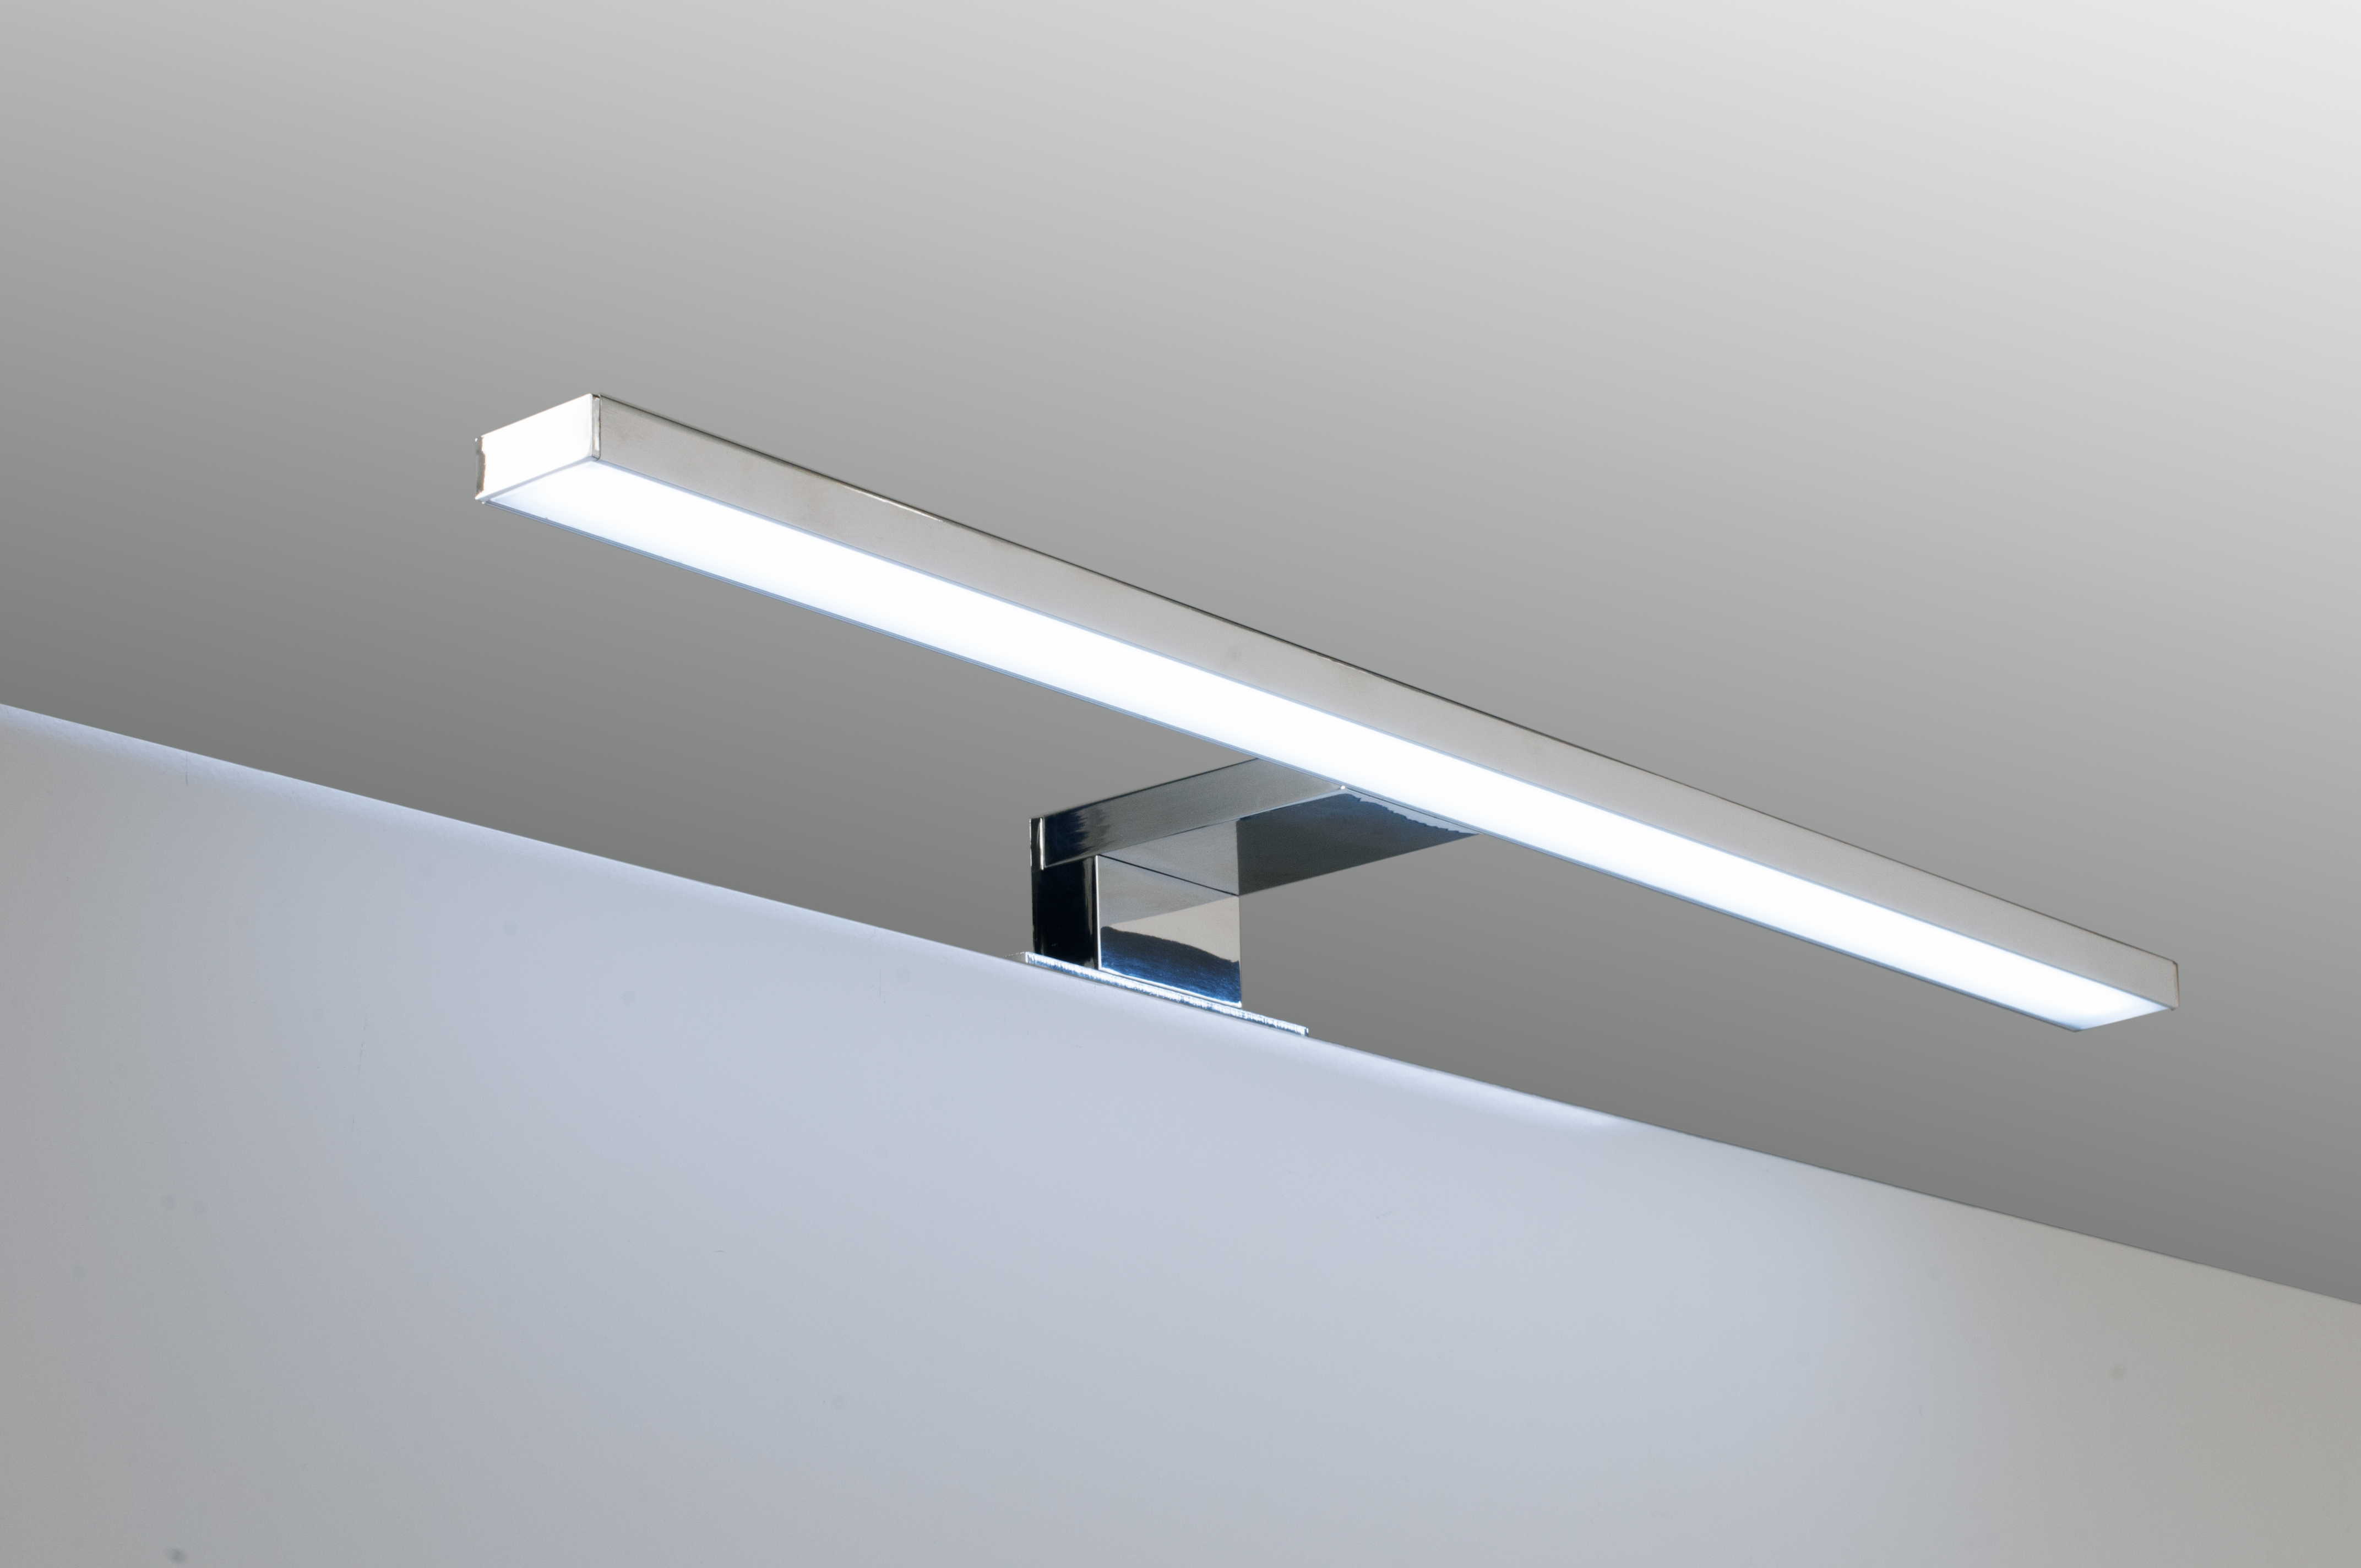 Lampade Per Bagno Da Specchio.Applique Specchio Bagno Ikea